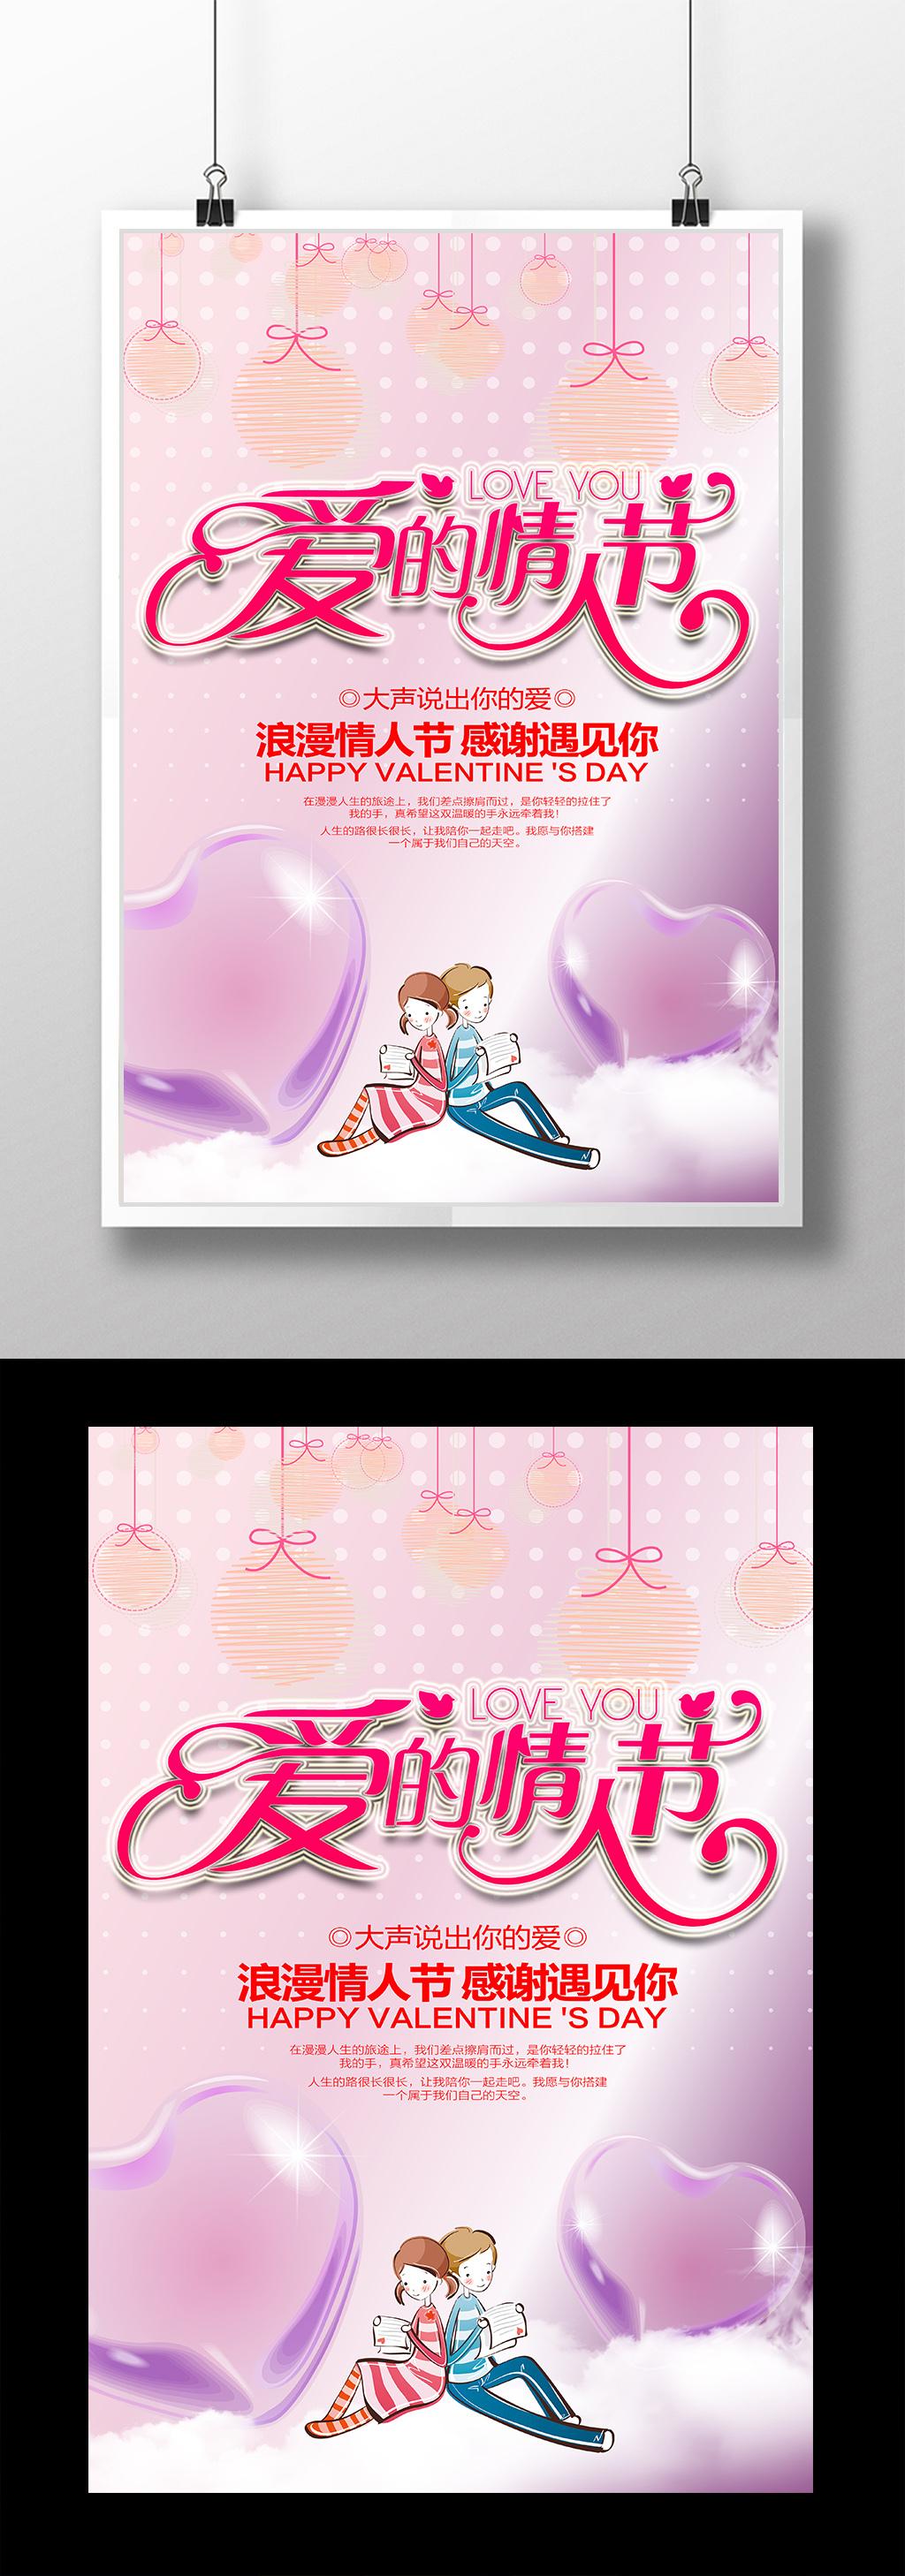 手绘创意情人节海报设计